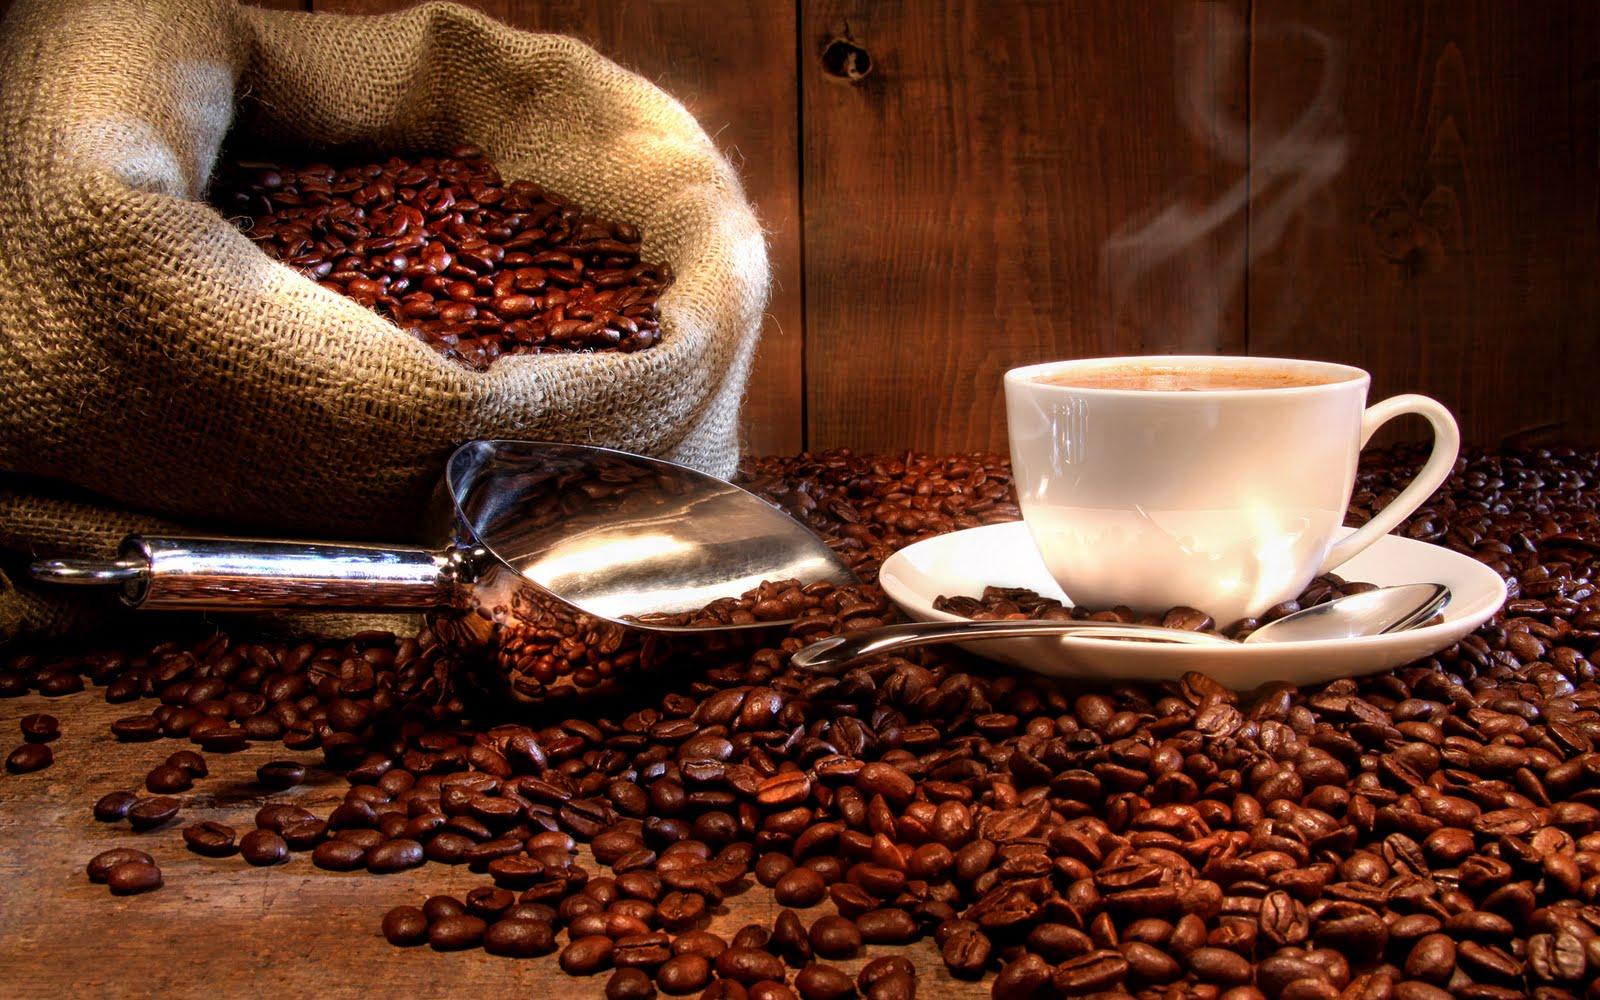 Estudo mostra que café pode travar cáries dentárias